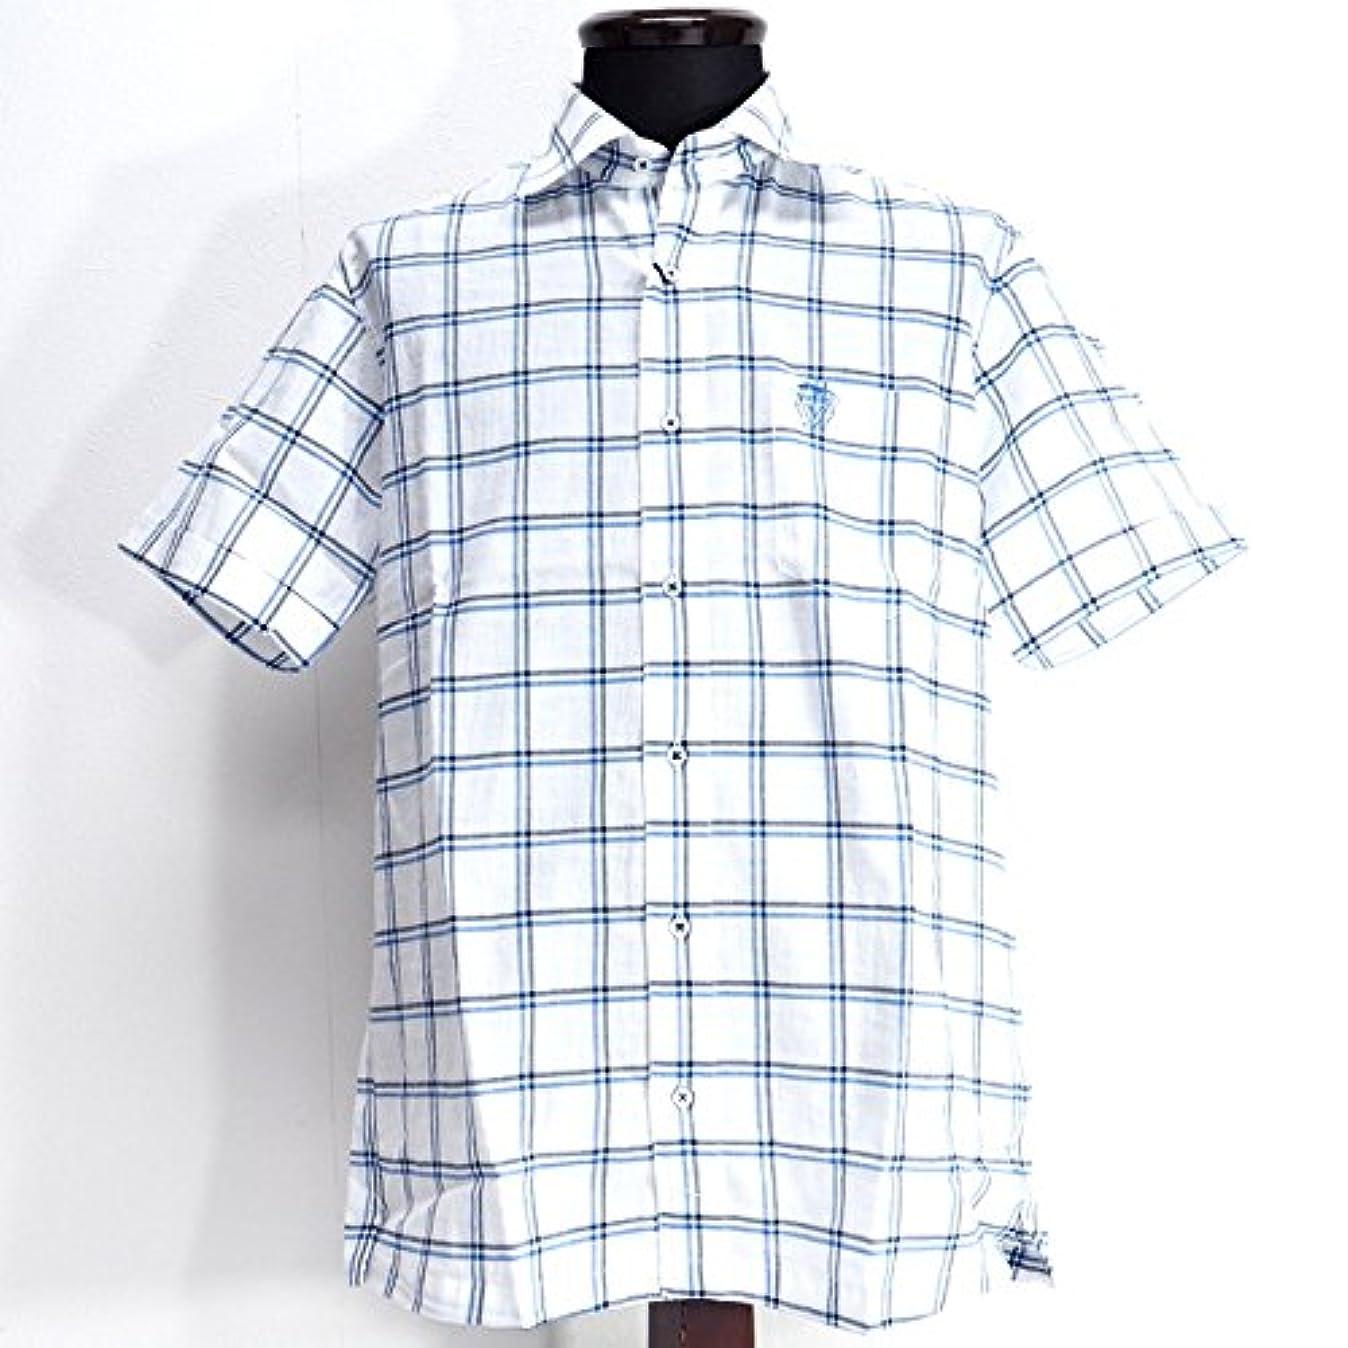 勧める固める夢30293 春夏 日本製 チェック柄 総柄 ストレッチ ワイドカラーシャツ 半袖 ホワイト(白)?ブルー(青) サイズ 48(L) Vittorio Carini 紳士服 メンズ 男性用